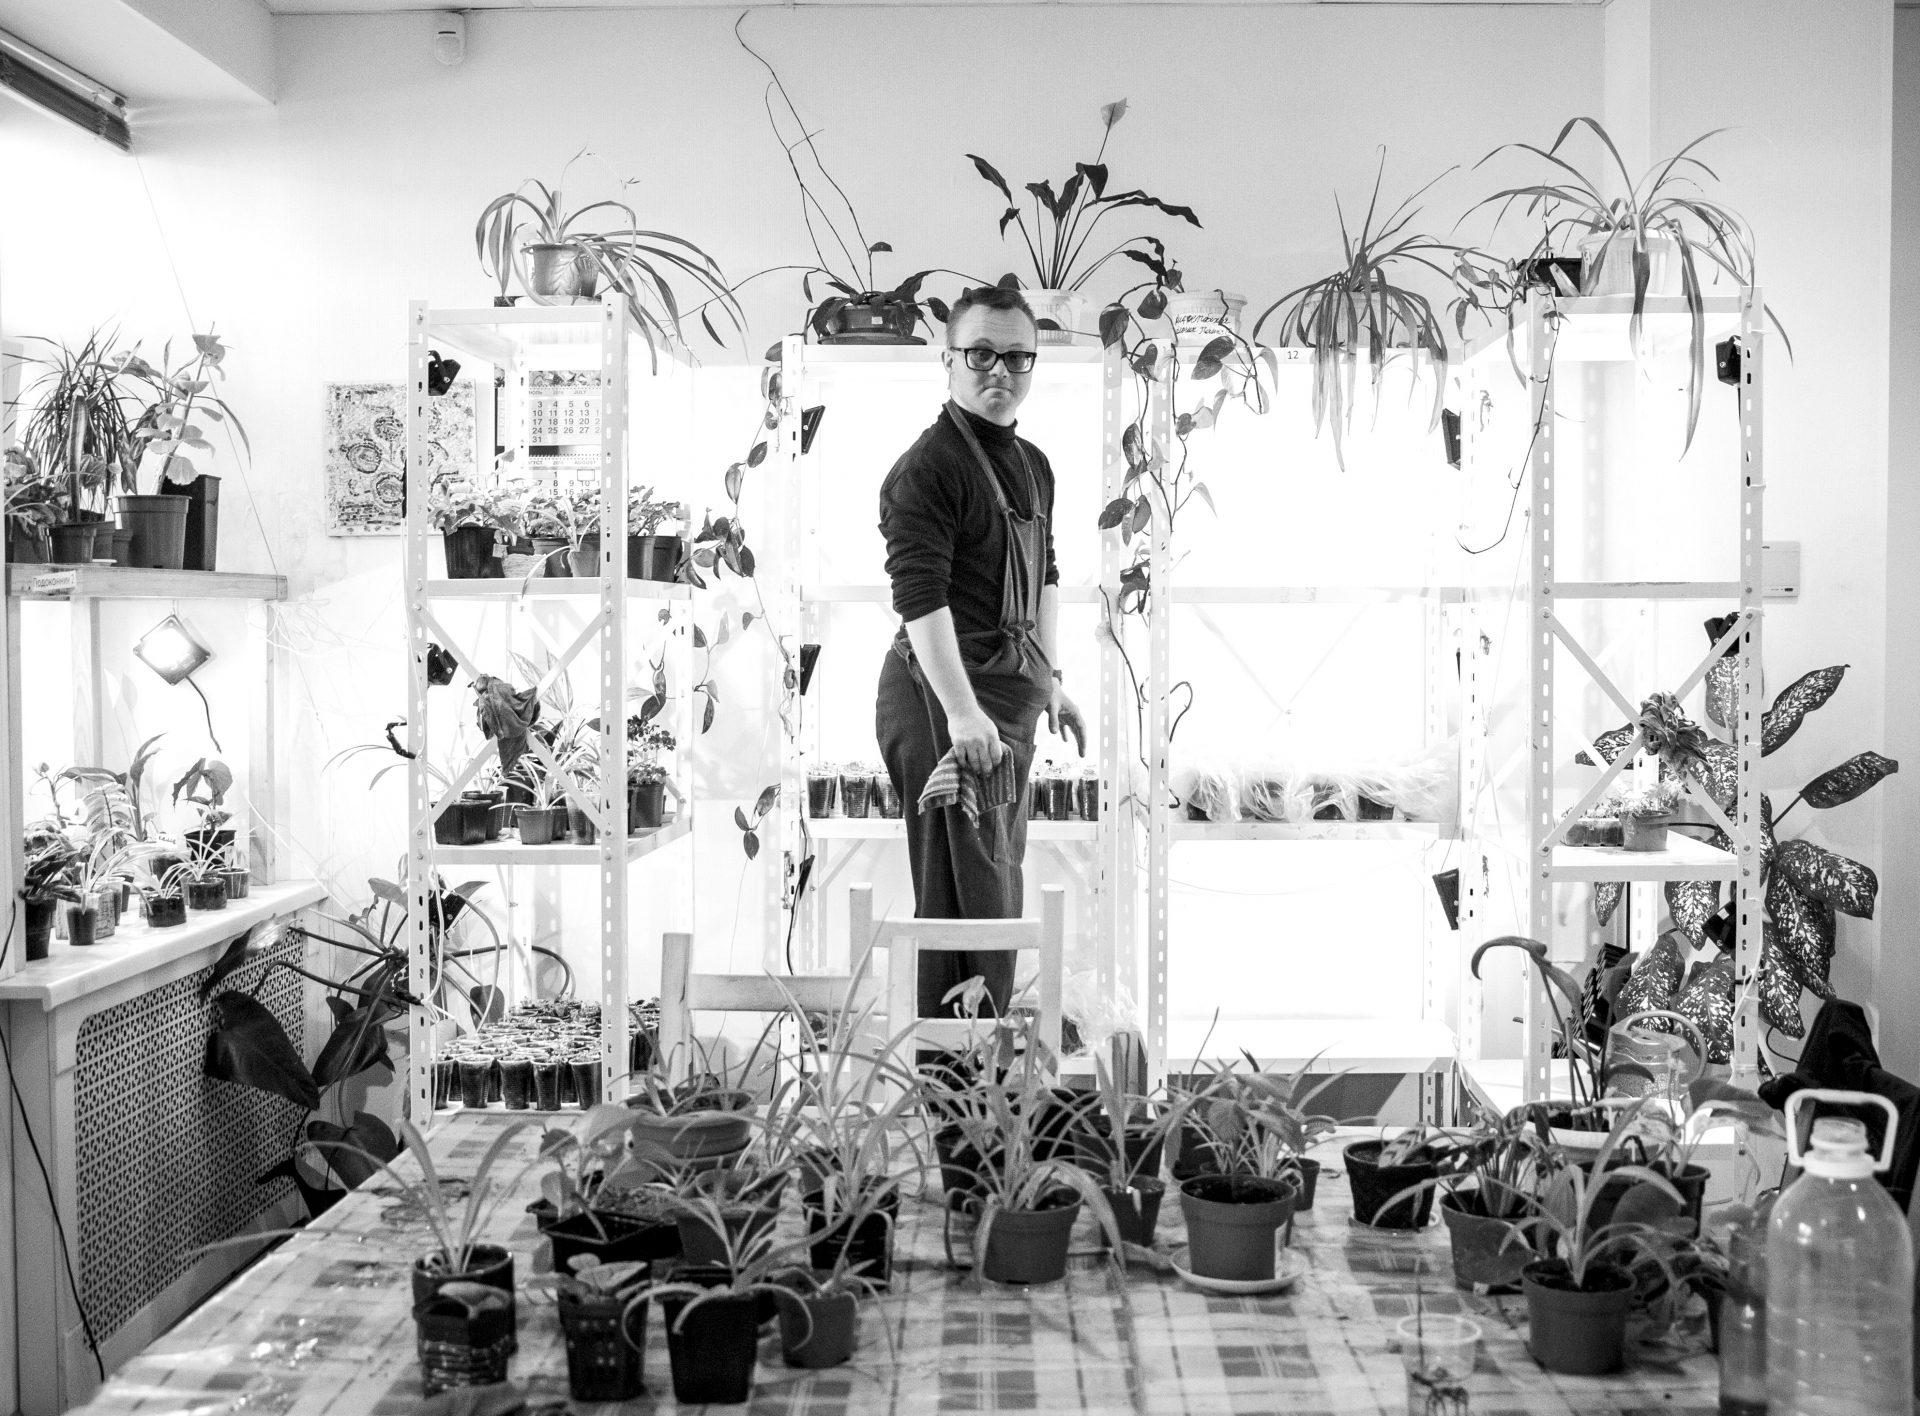 Центр на Невском: Антон в мастерской растениеводства